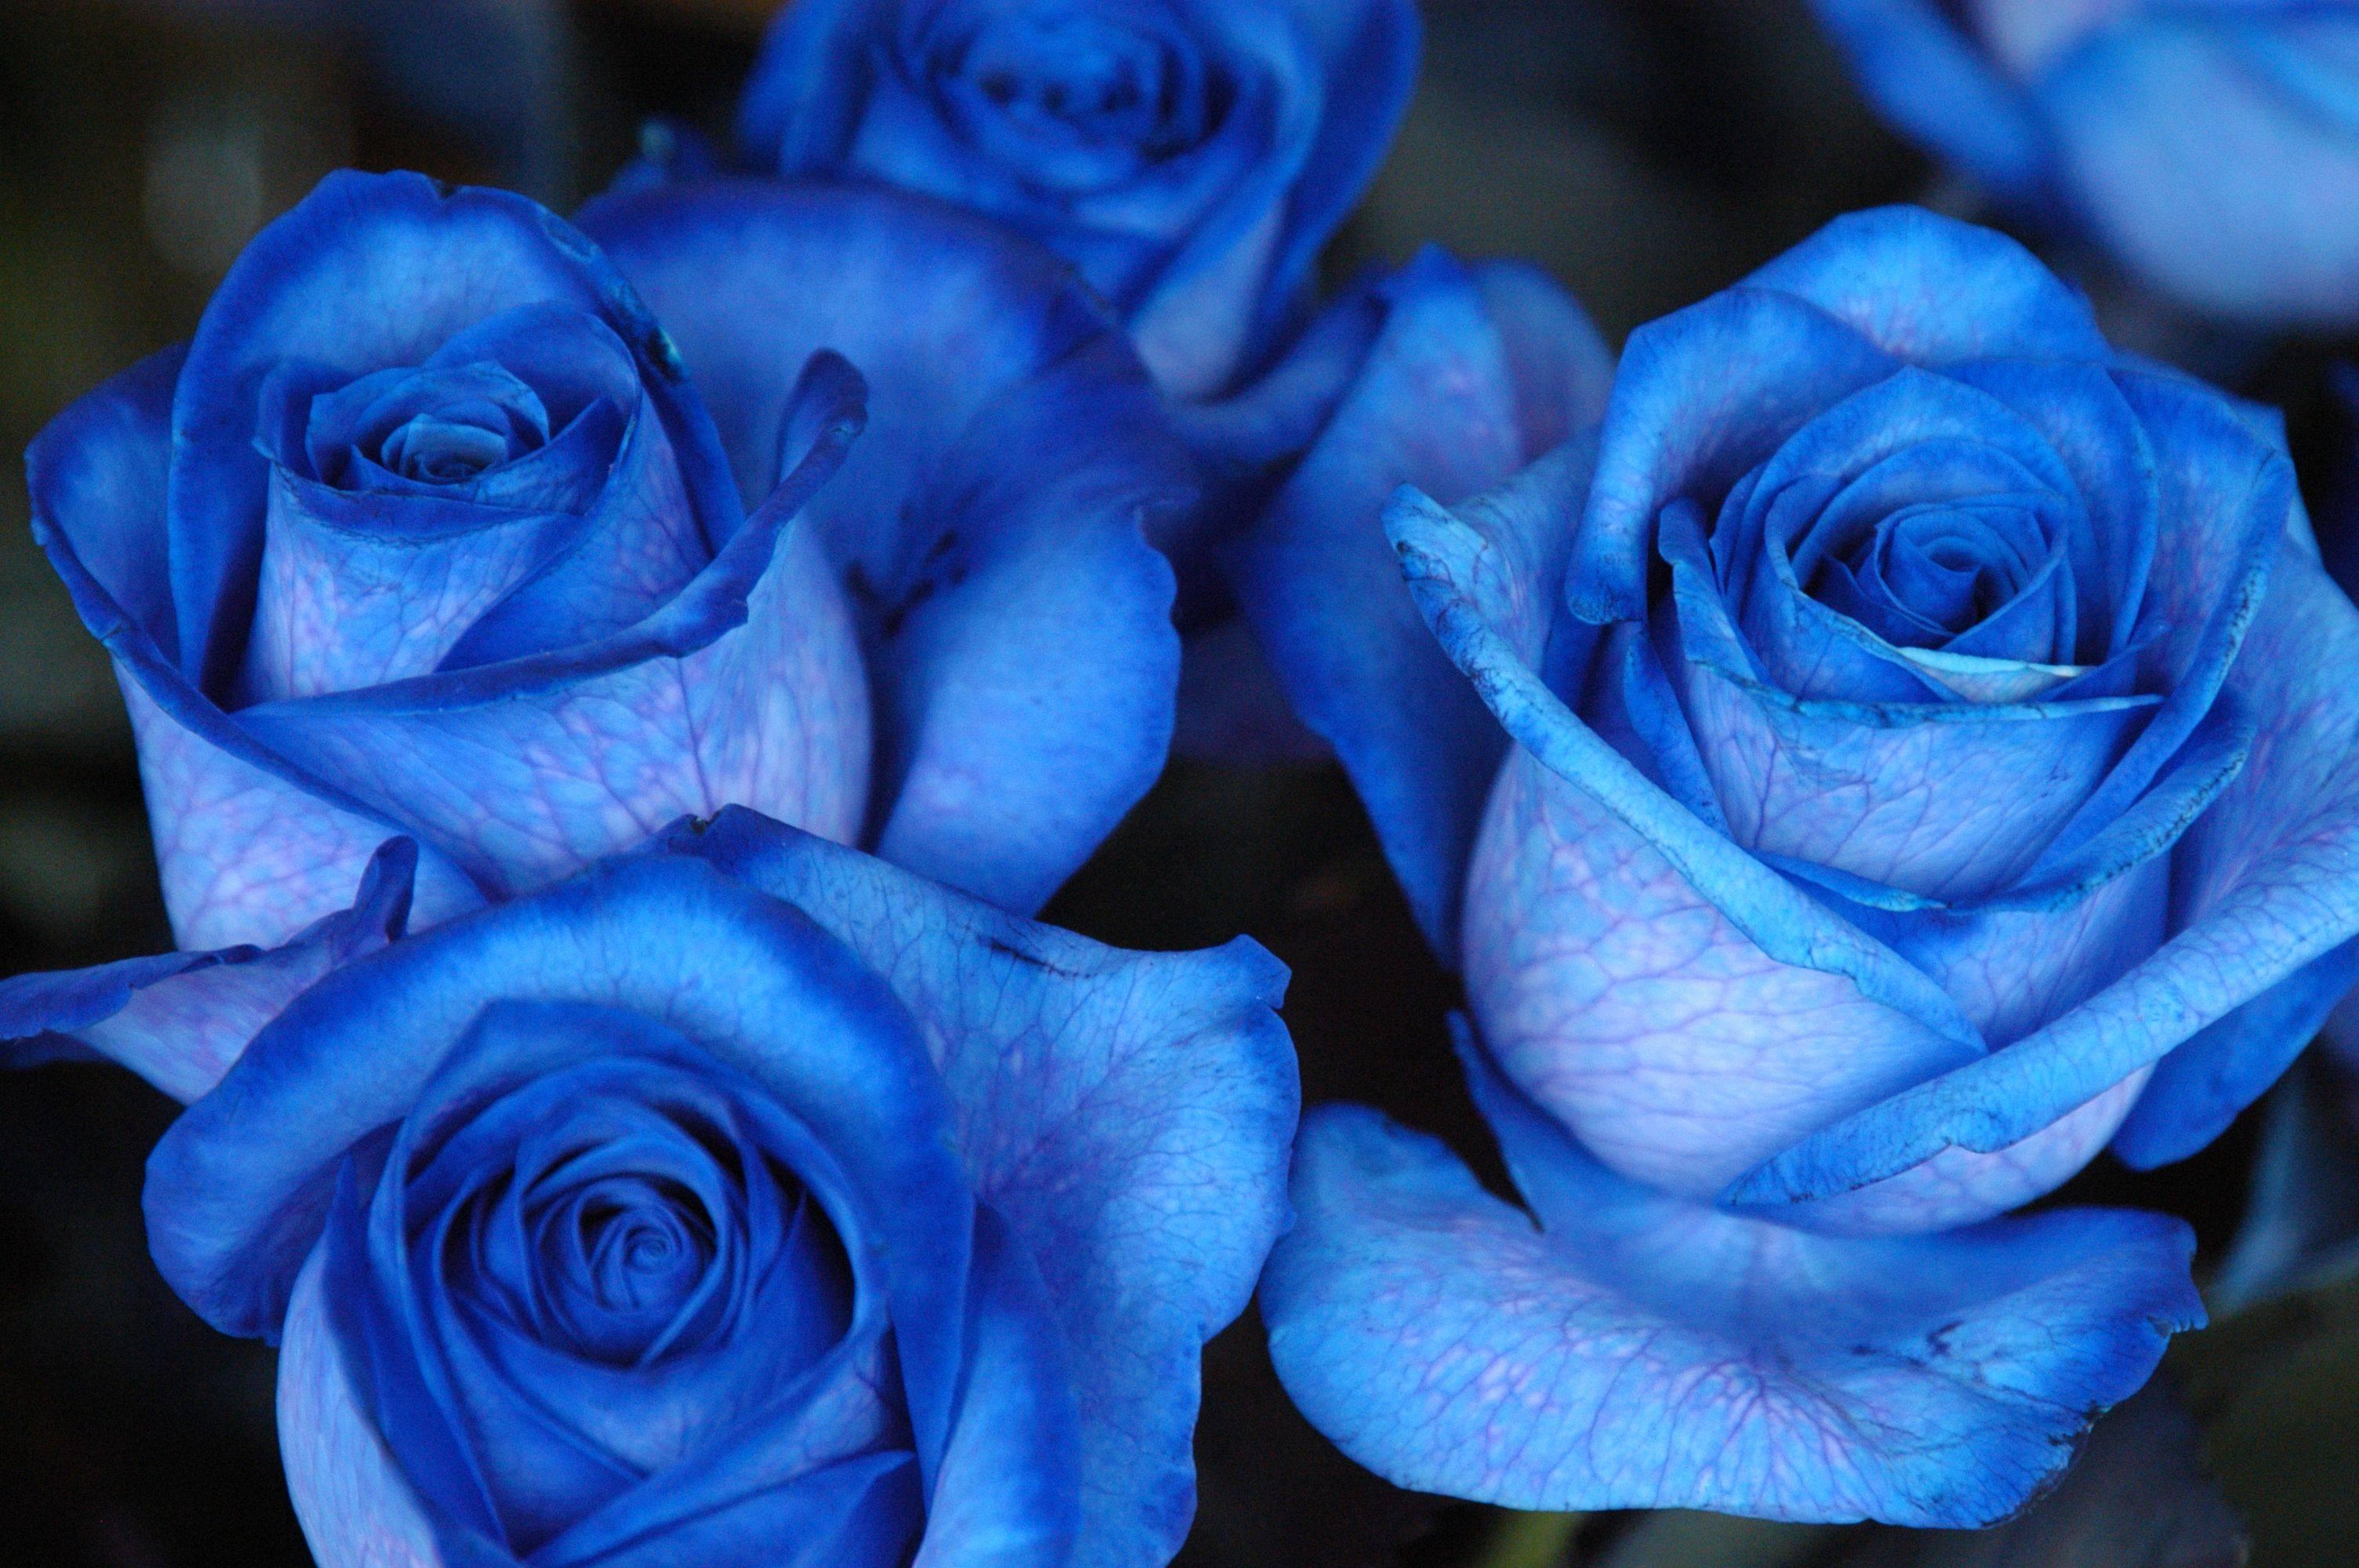 Цветы розы синие красивые